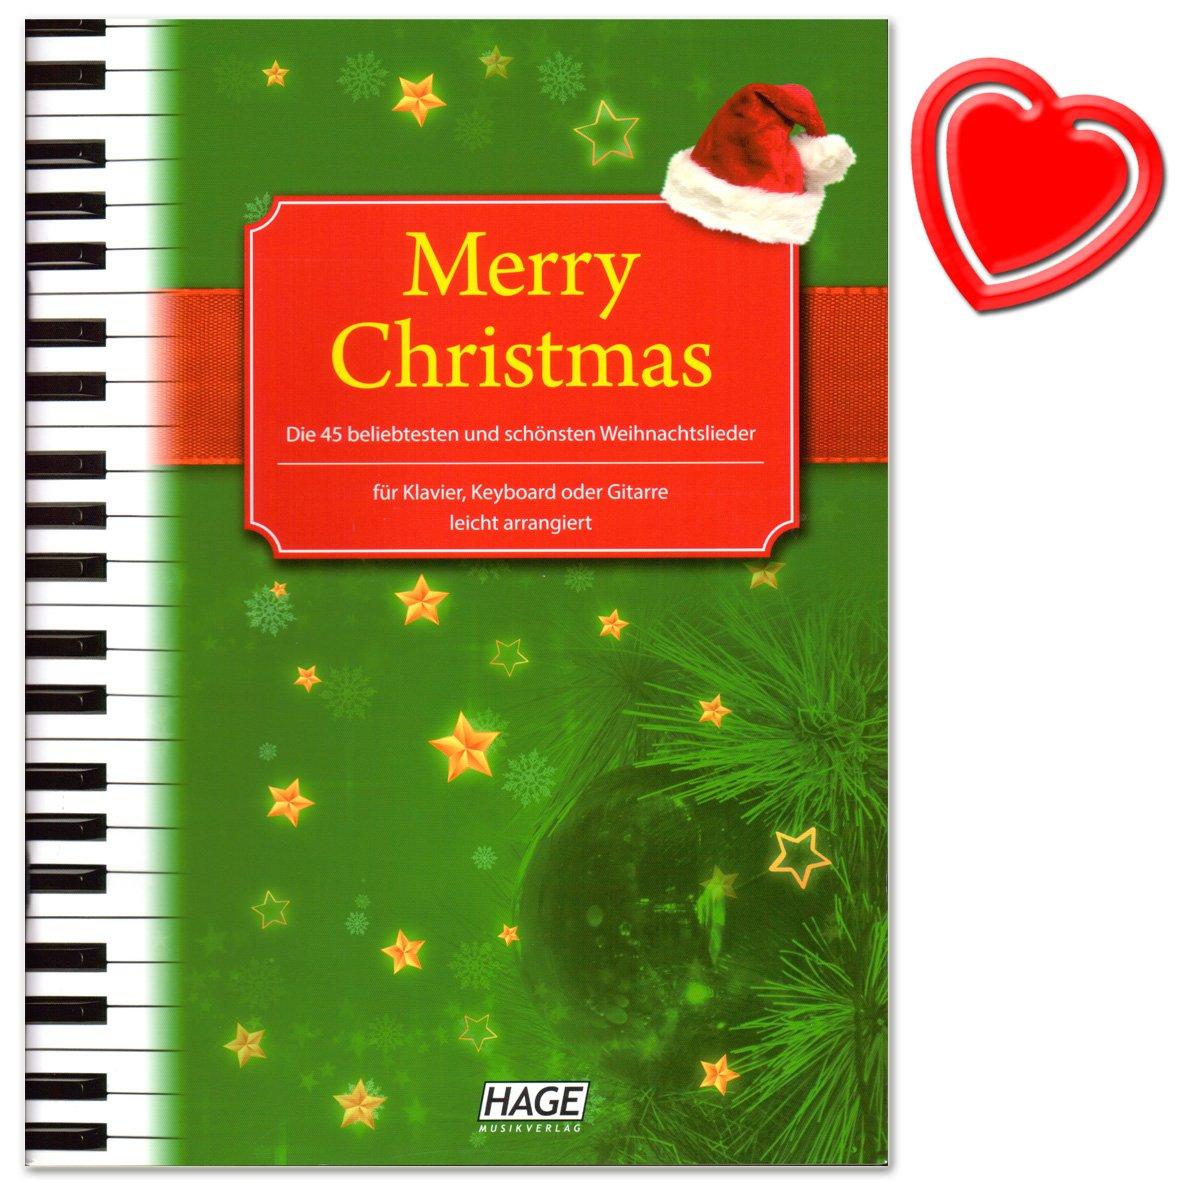 Merry Christmas - 45 beliebtesten und schönsten Weihnachtslieder für Klavier, Keyboard oder Gitarre - mit bunter herzförmiger Notenklammer - 4026929901927 HAGE